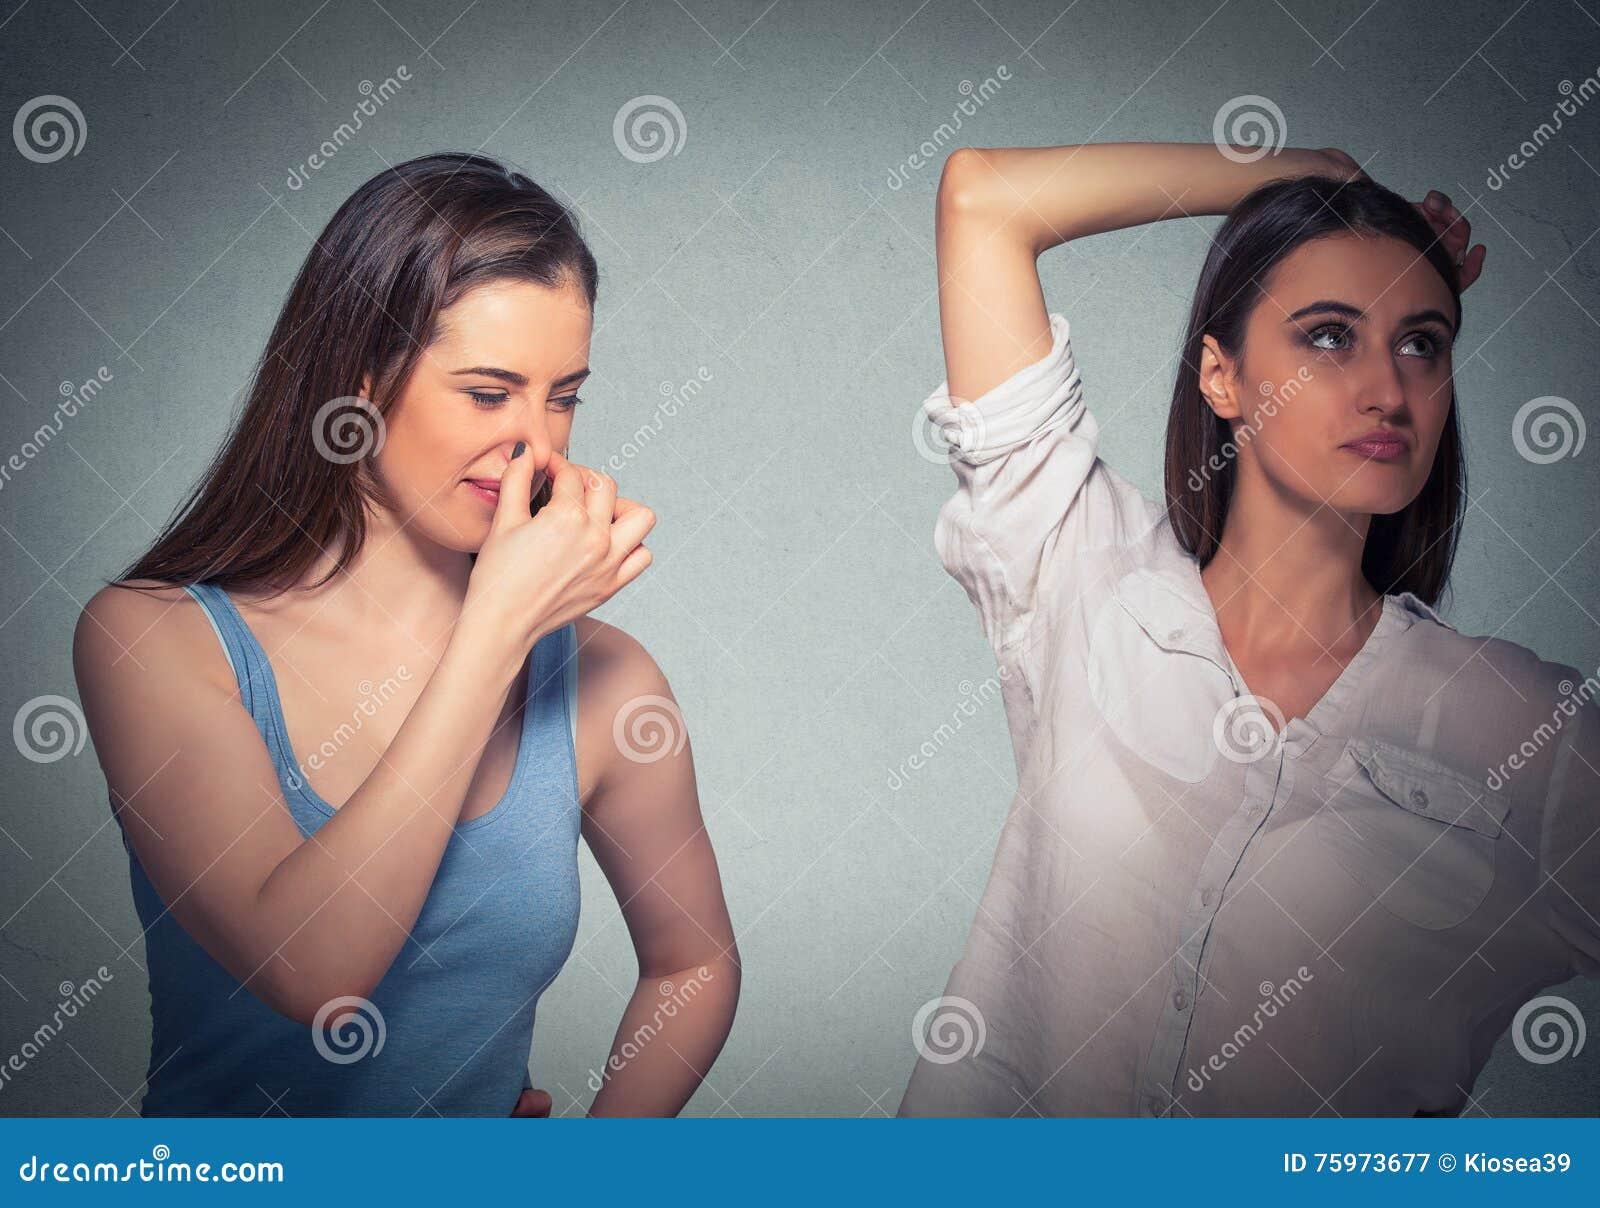 Duas mulheres, um nariz compressor algo tresandam, meninas underarm